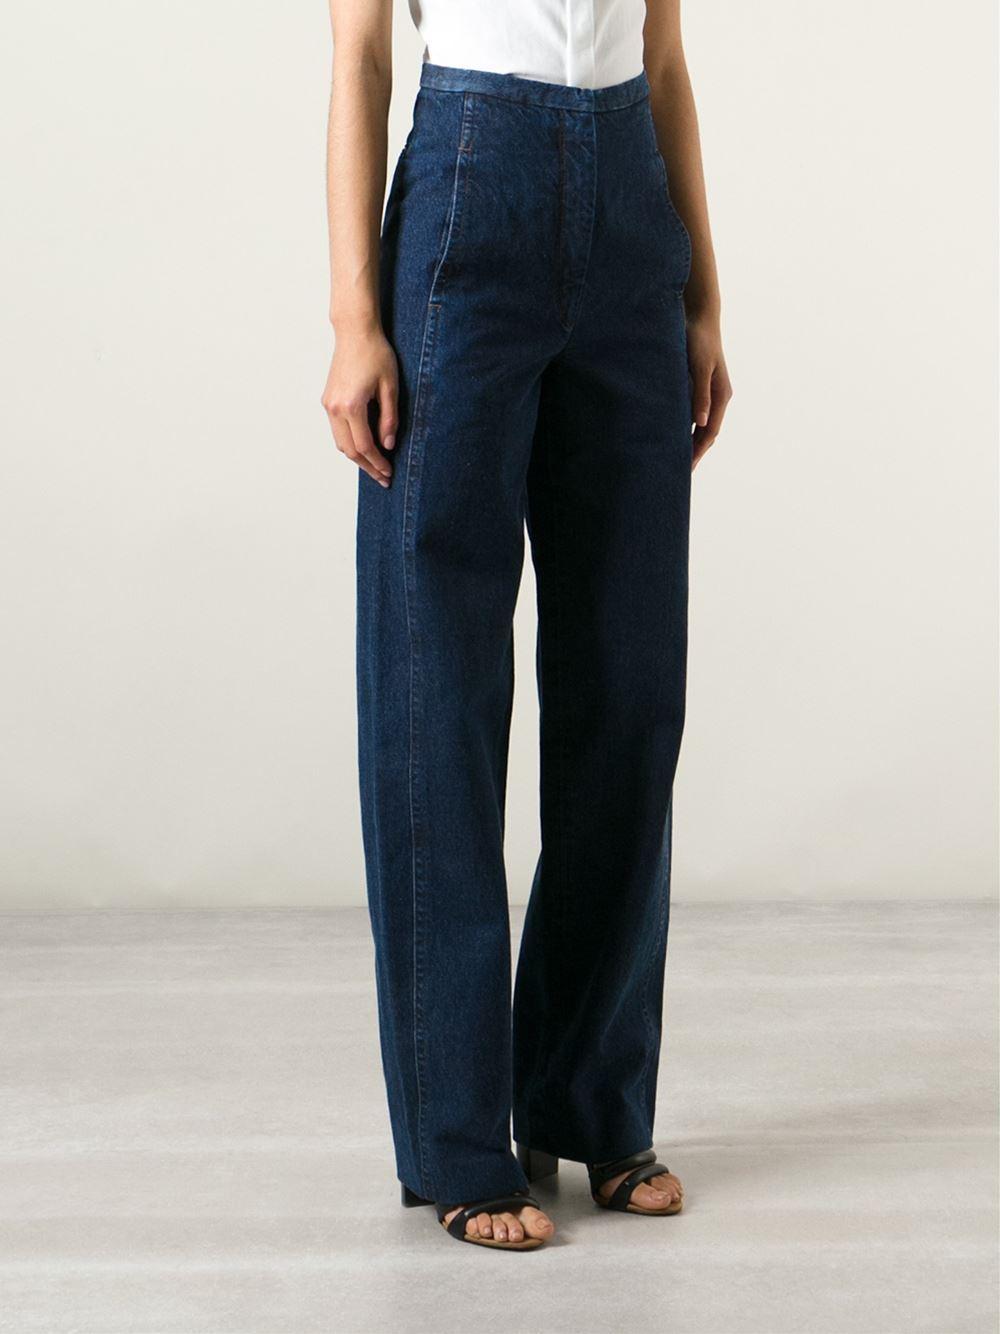 Light Blue Jeans Women